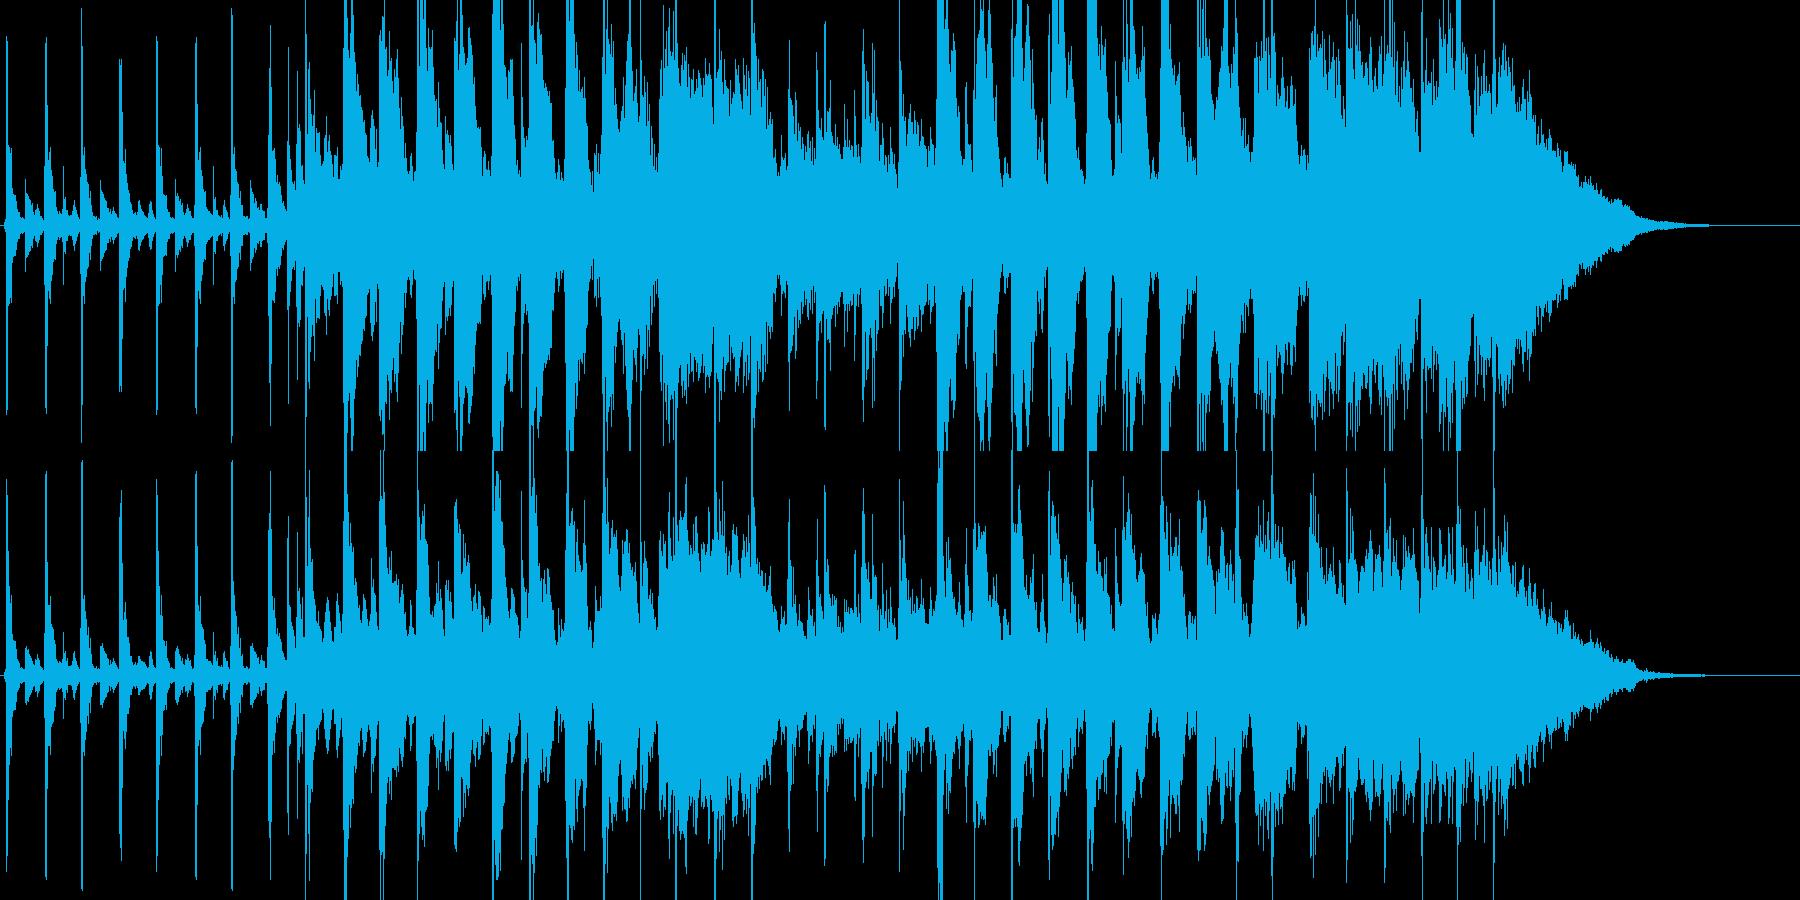 元気 マーチ キッズ 動物 ジングル の再生済みの波形